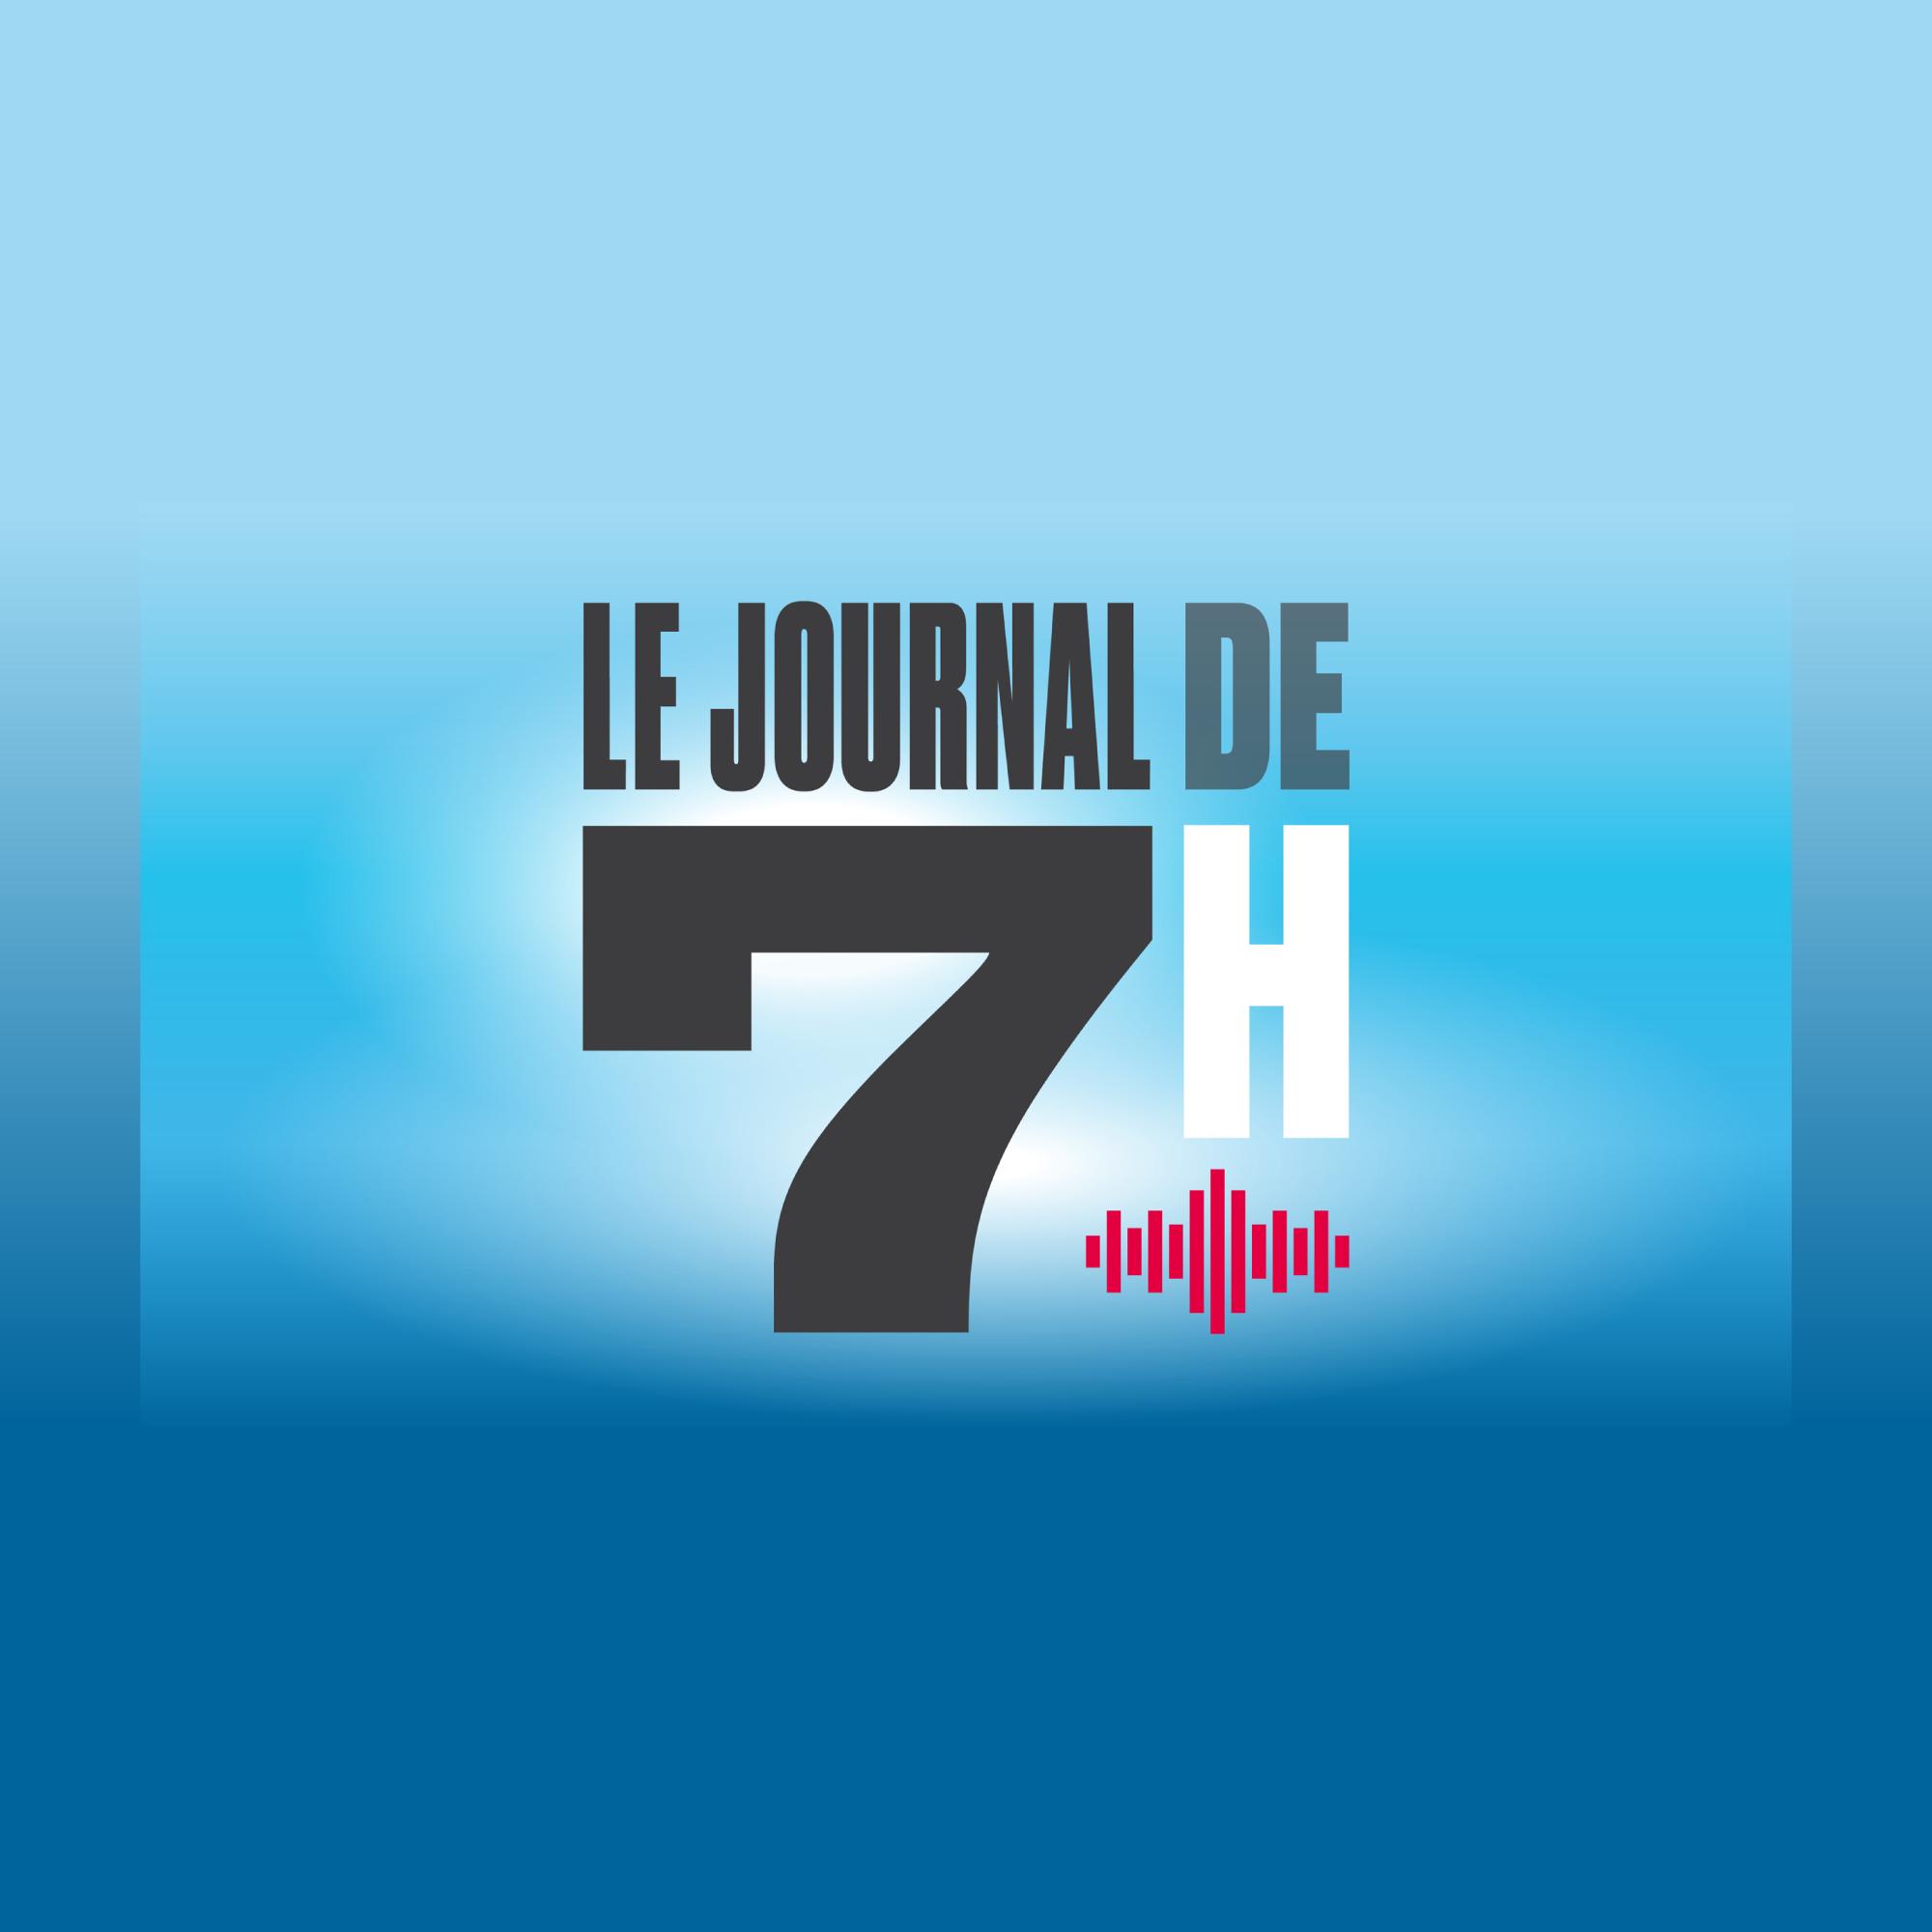 Le Journal de 7h [RTS]